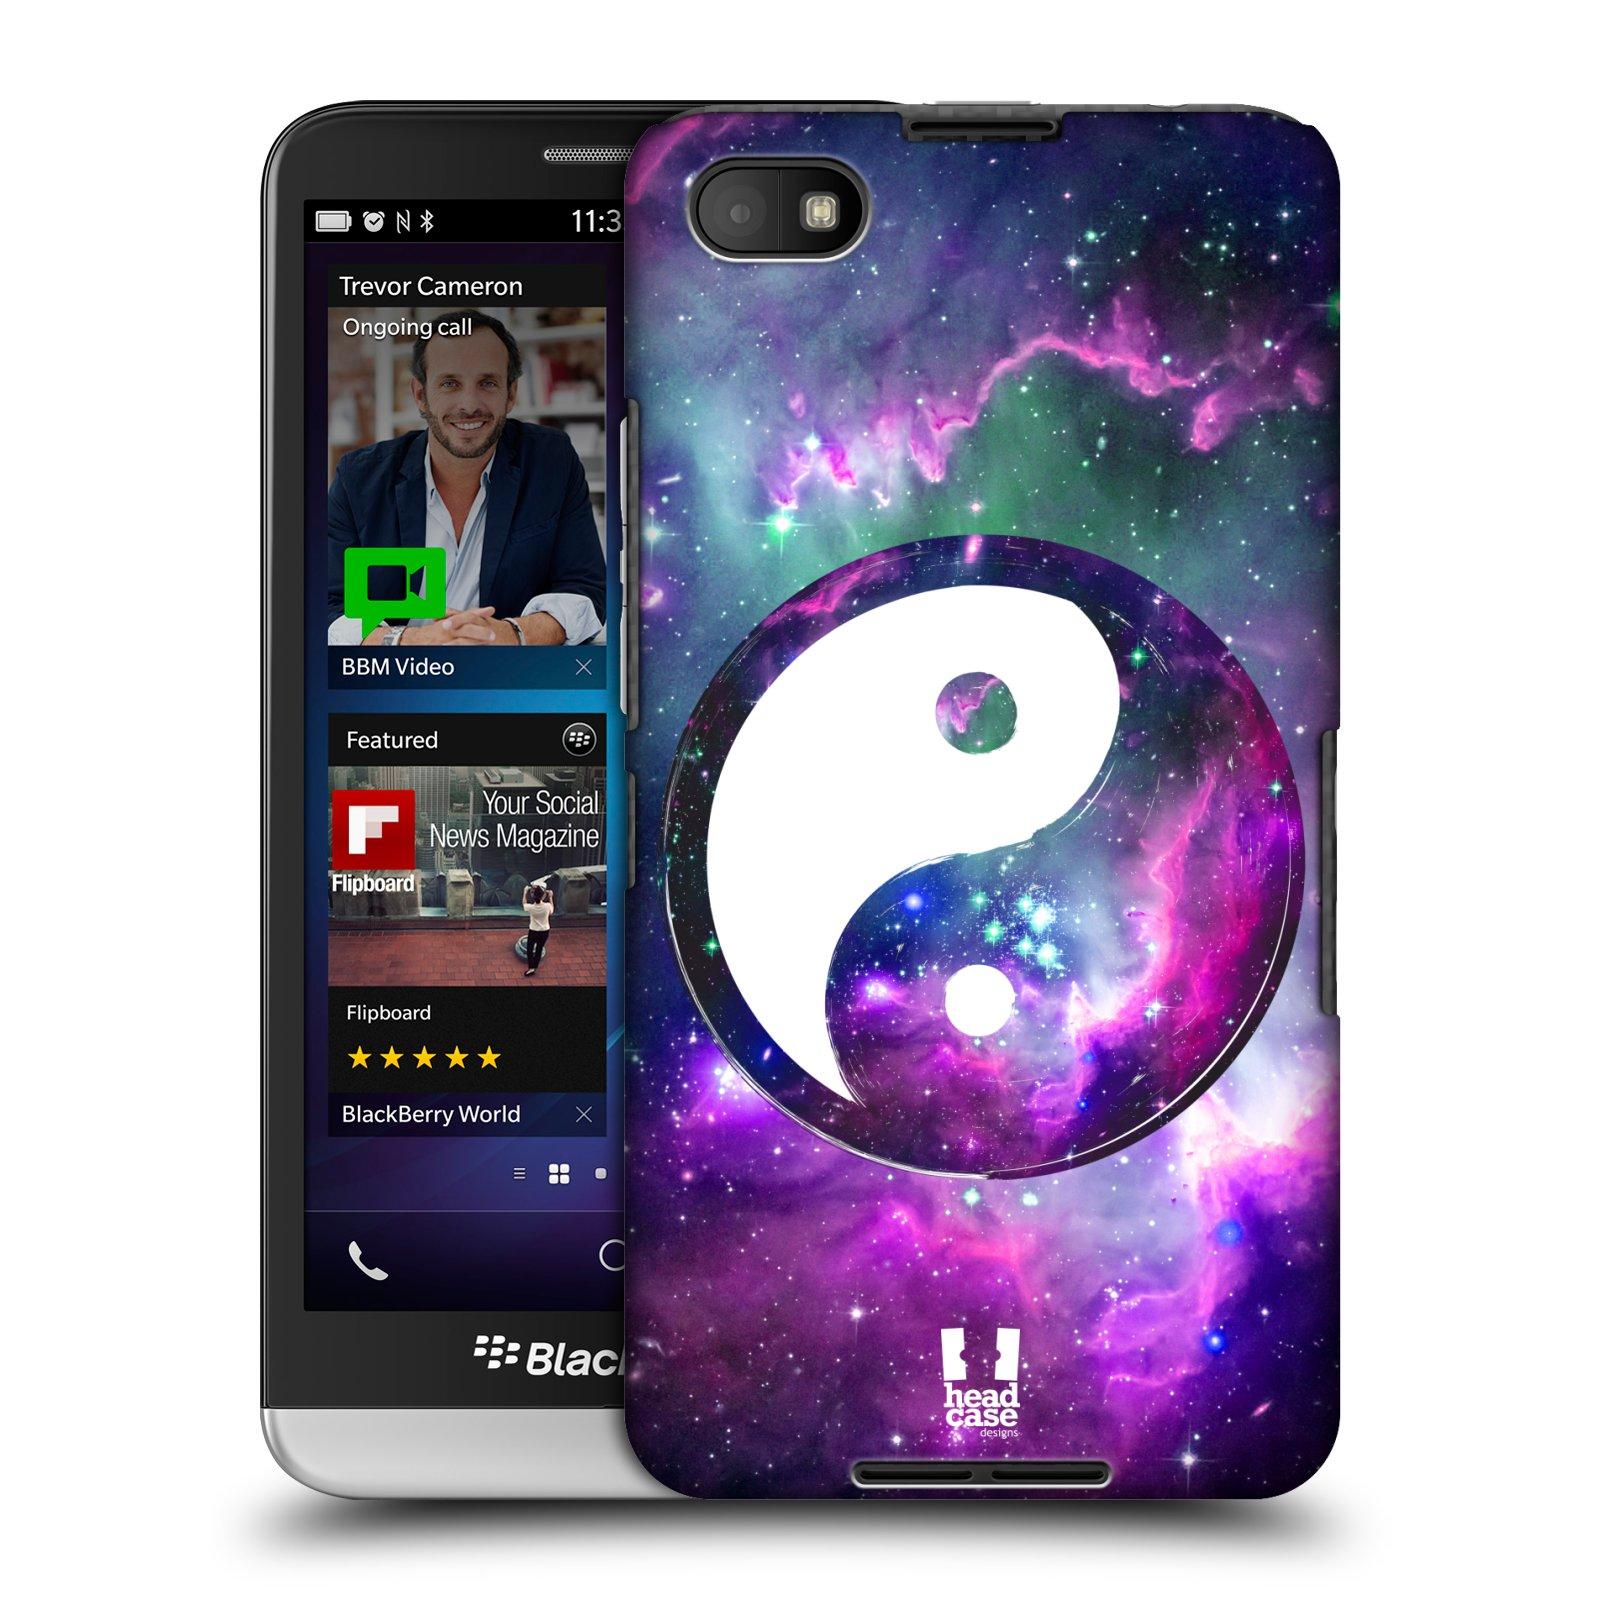 Plastové pouzdro na mobil Blackberry Z30 HEAD CASE Yin a Yang PURPLE (Kryt či obal na mobilní telefon Blackberry Z30)